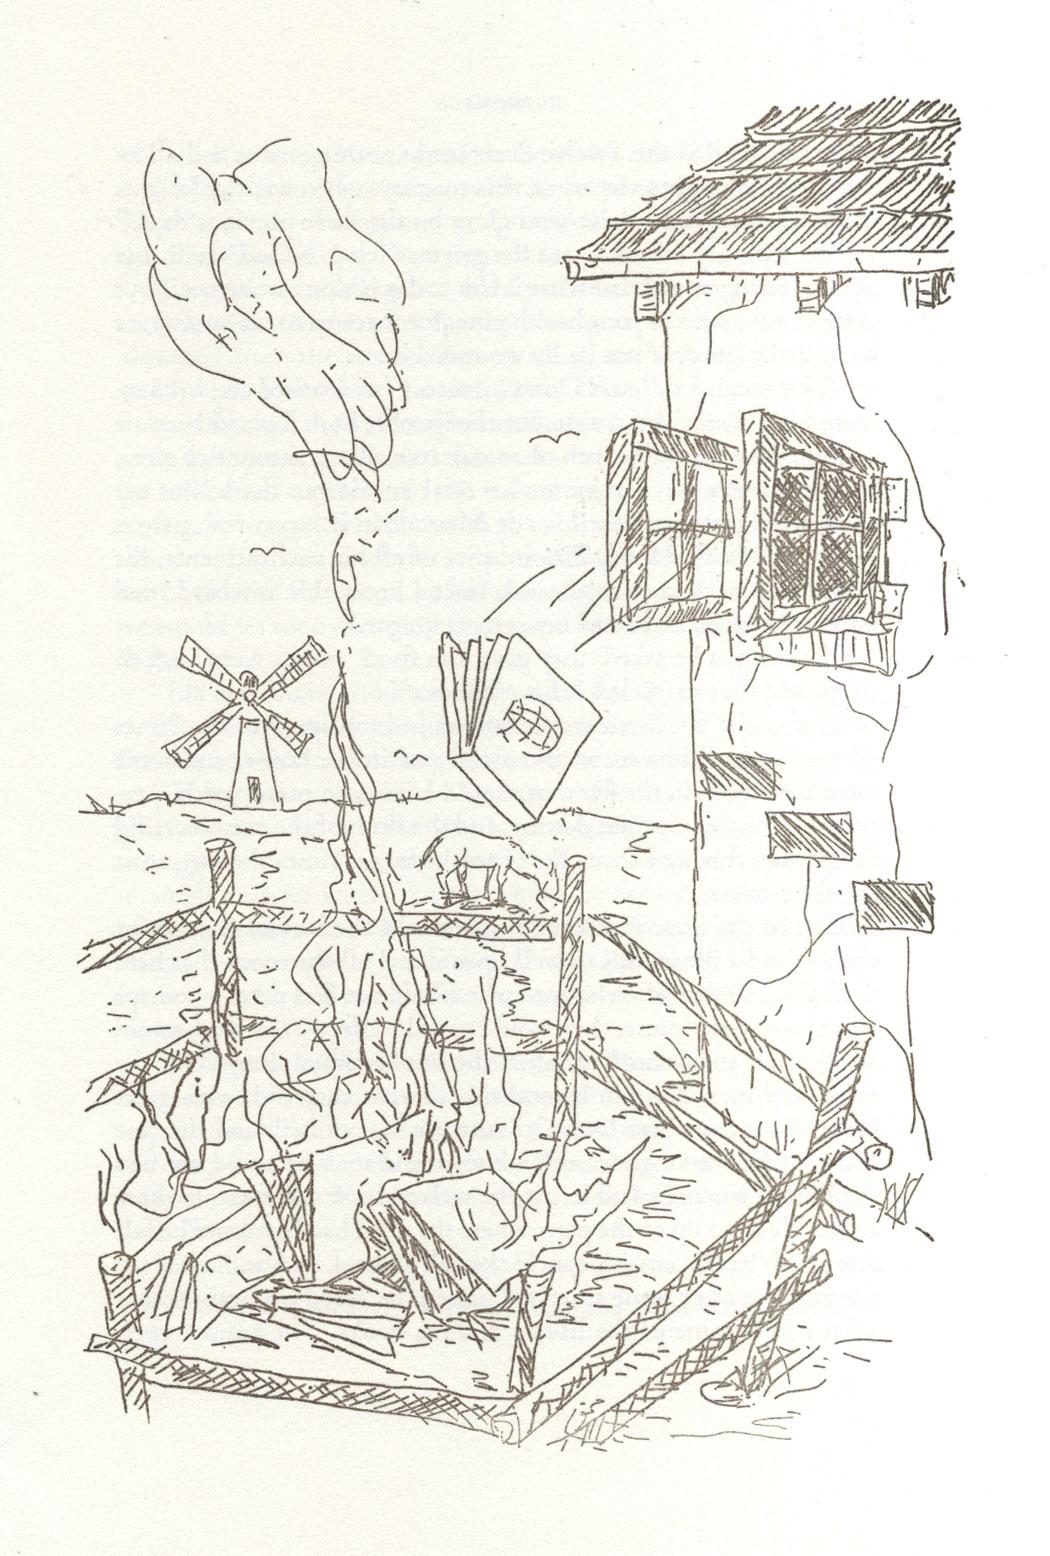 p.-69.ill.book-burning.jpg